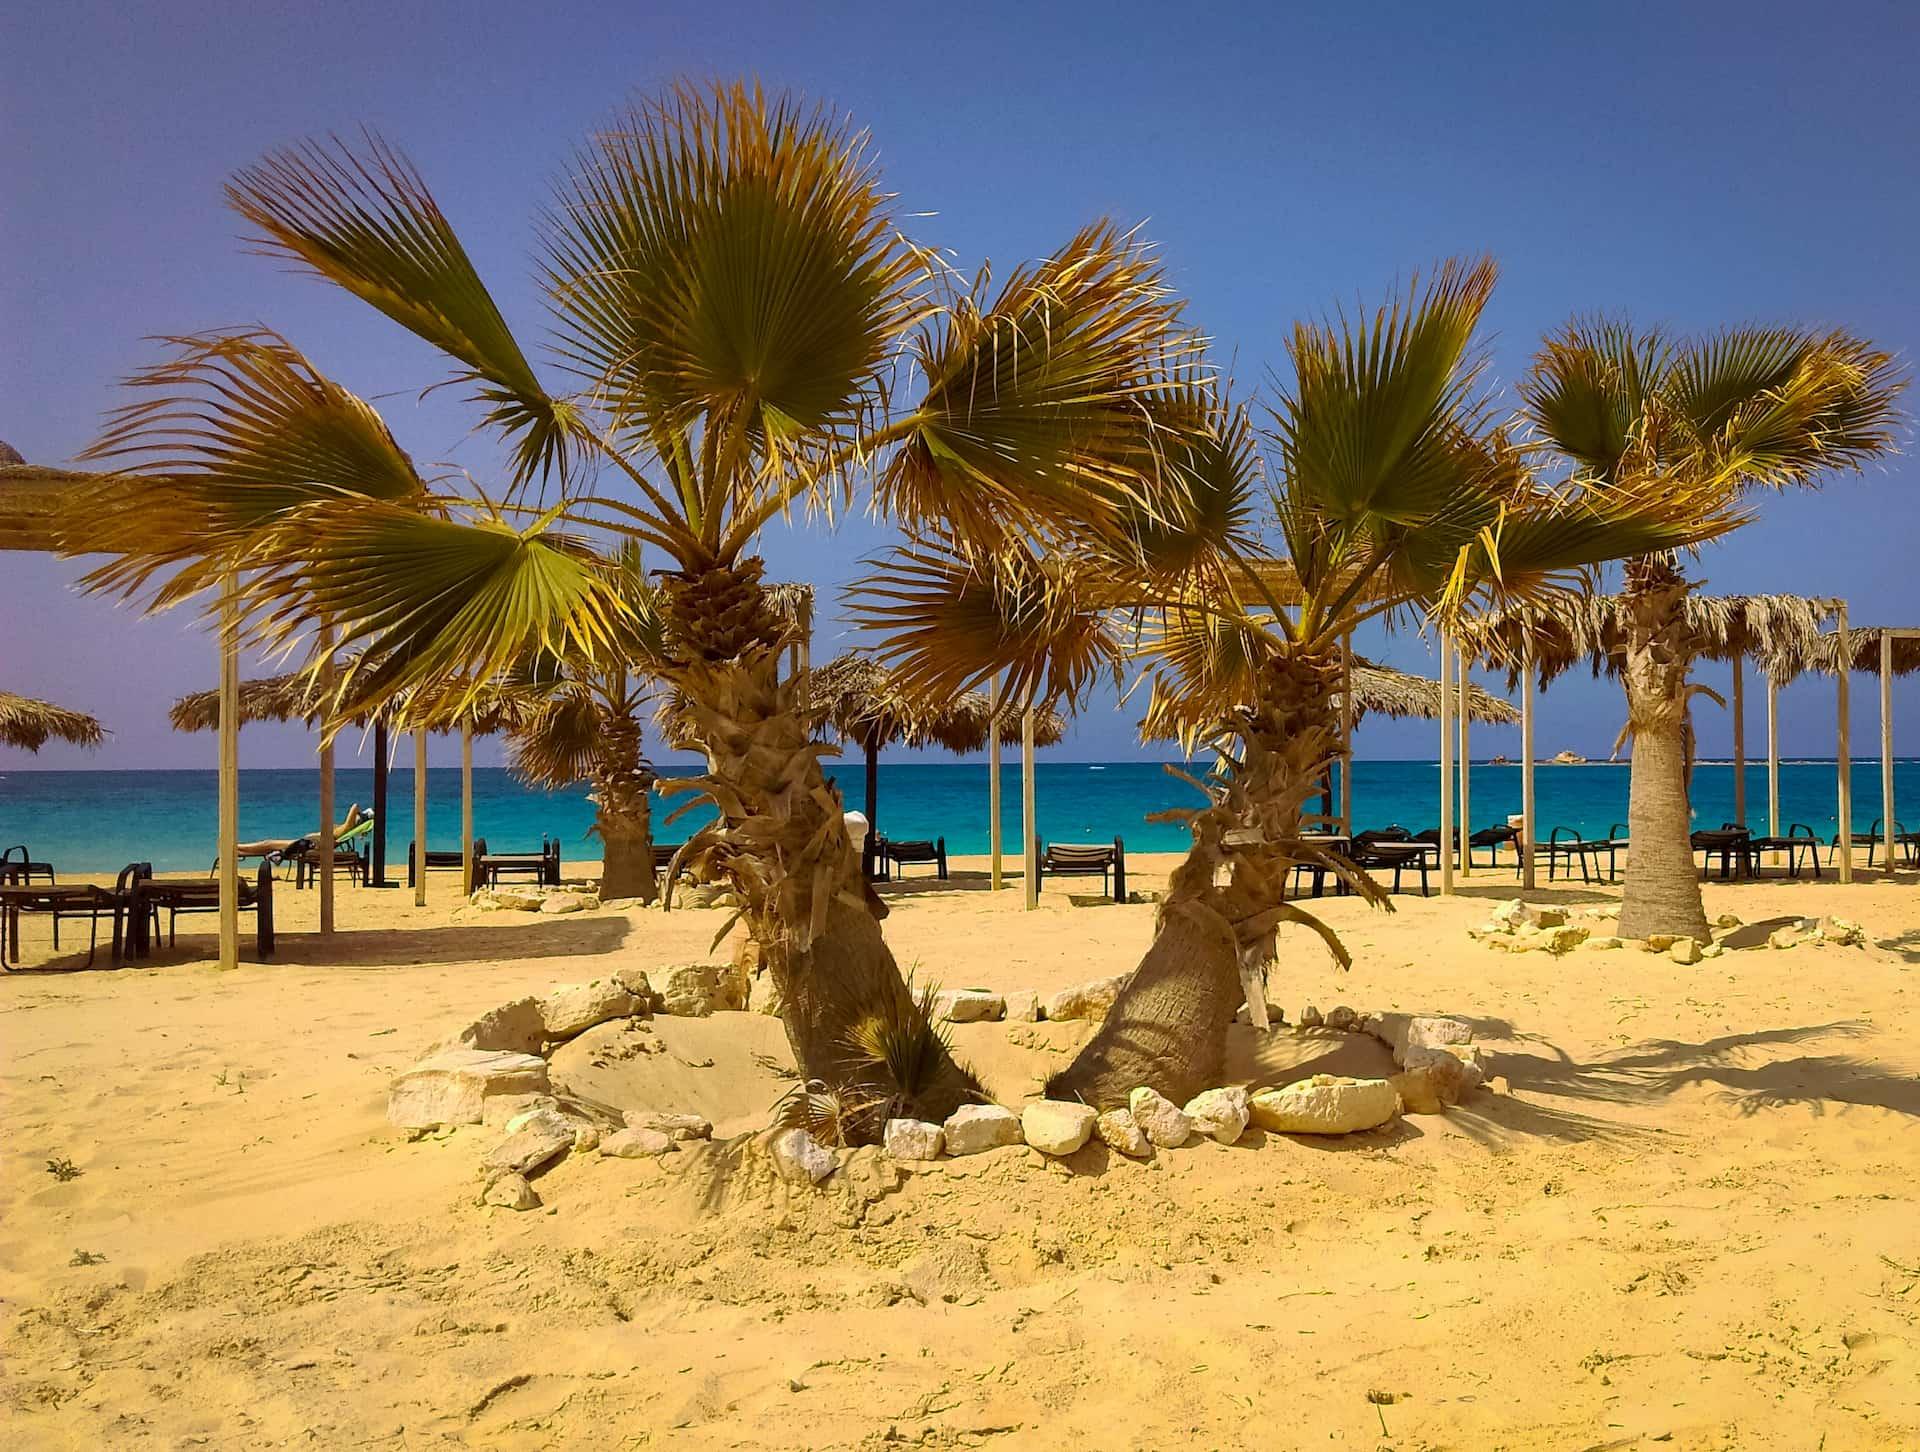 Температура воздуха в Египте в июле